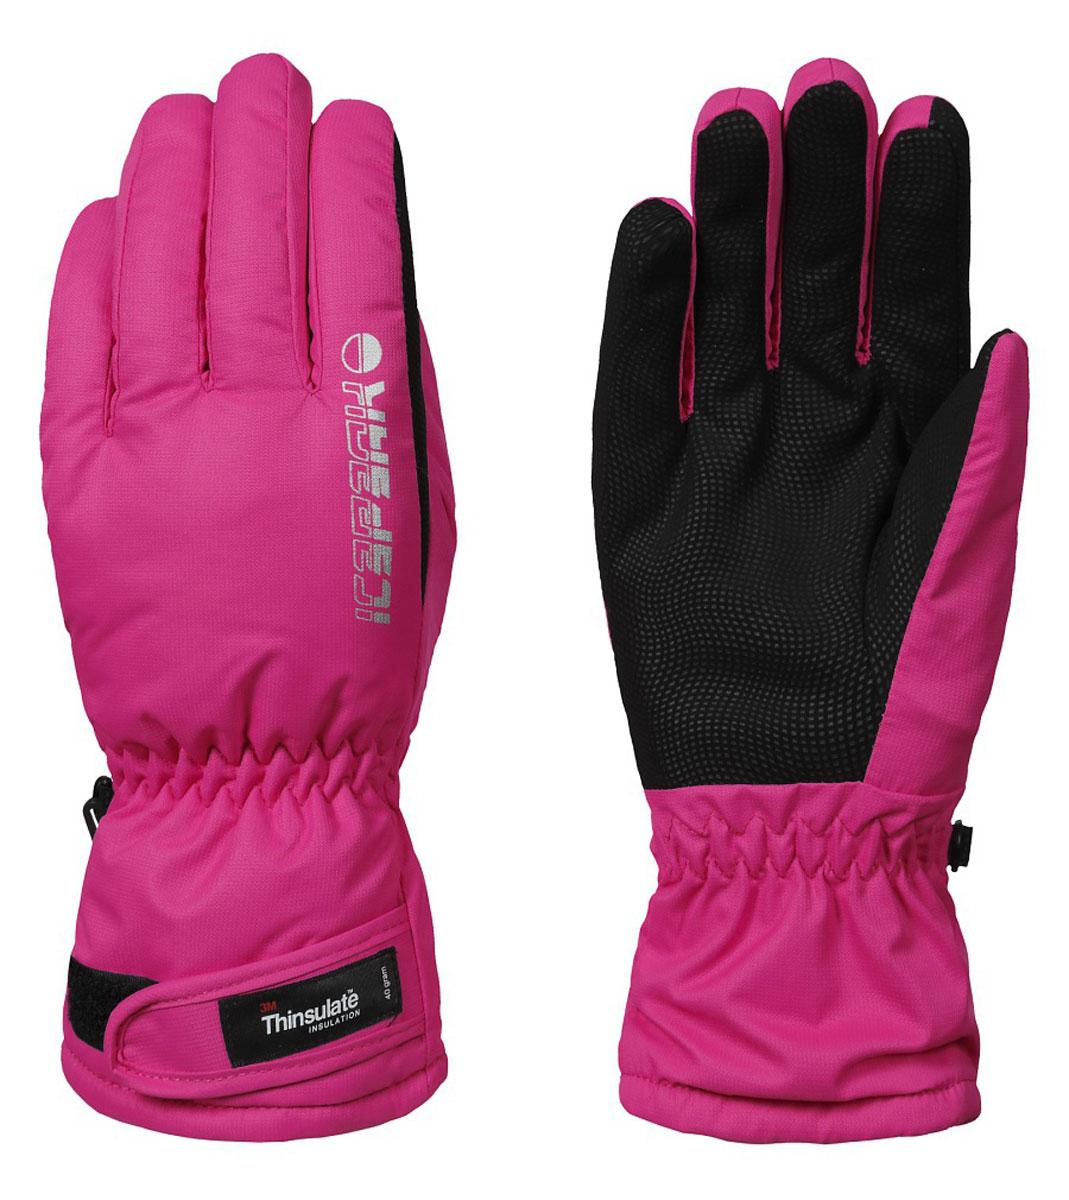 Перчатки детские Icepeak, цвет: розовый. 652850564IV. Размер L (7)652850564IVДетские перчатки Icepeak, изготовленные из мембранной ткани с водо- и ветрозащитным покрытием, станут идеальным вариантом для холодной зимней погоды. На подкладке используется мягкий полиэстер. Для большего удобства на запястьях перчатки дополнены хлястиками на липучках с внешней стороны, а на ладошках, кончиках пальцев и с внутренней стороны большого пальца - усиленными вставками. С внешней стороны перчатки оформлены надписями.Перчатки станут идеальным вариантом для прохладной погоды.